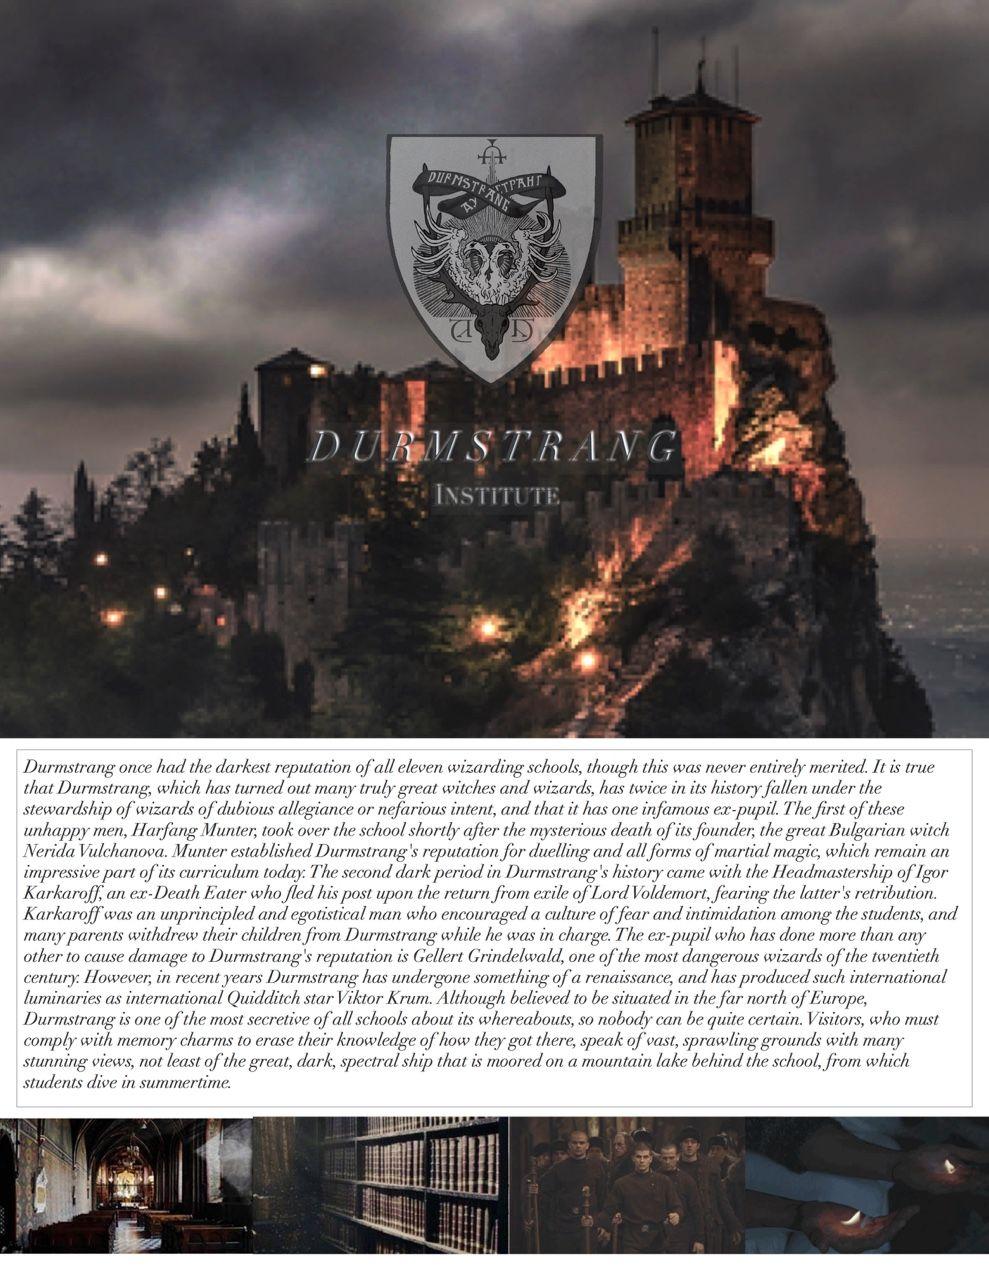 Harry Potter Aesthetics Wizarding Schools Durmstrang Institute Hogwarts Harry Potter Series Harry Potter Jk Rowling Durmstrang institute est fait pour vous, son école guerrière et stricte vous formera à vous confronter aux meutes de lycans qui sévissent dans des régions aux températures sibériennes. harry potter jk rowling